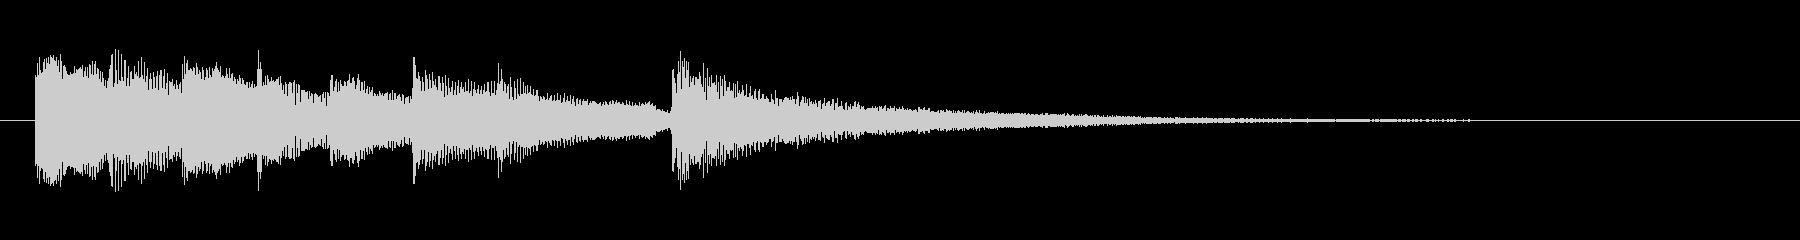 優しく繊細なヨガ音楽と瞑想音楽の未再生の波形